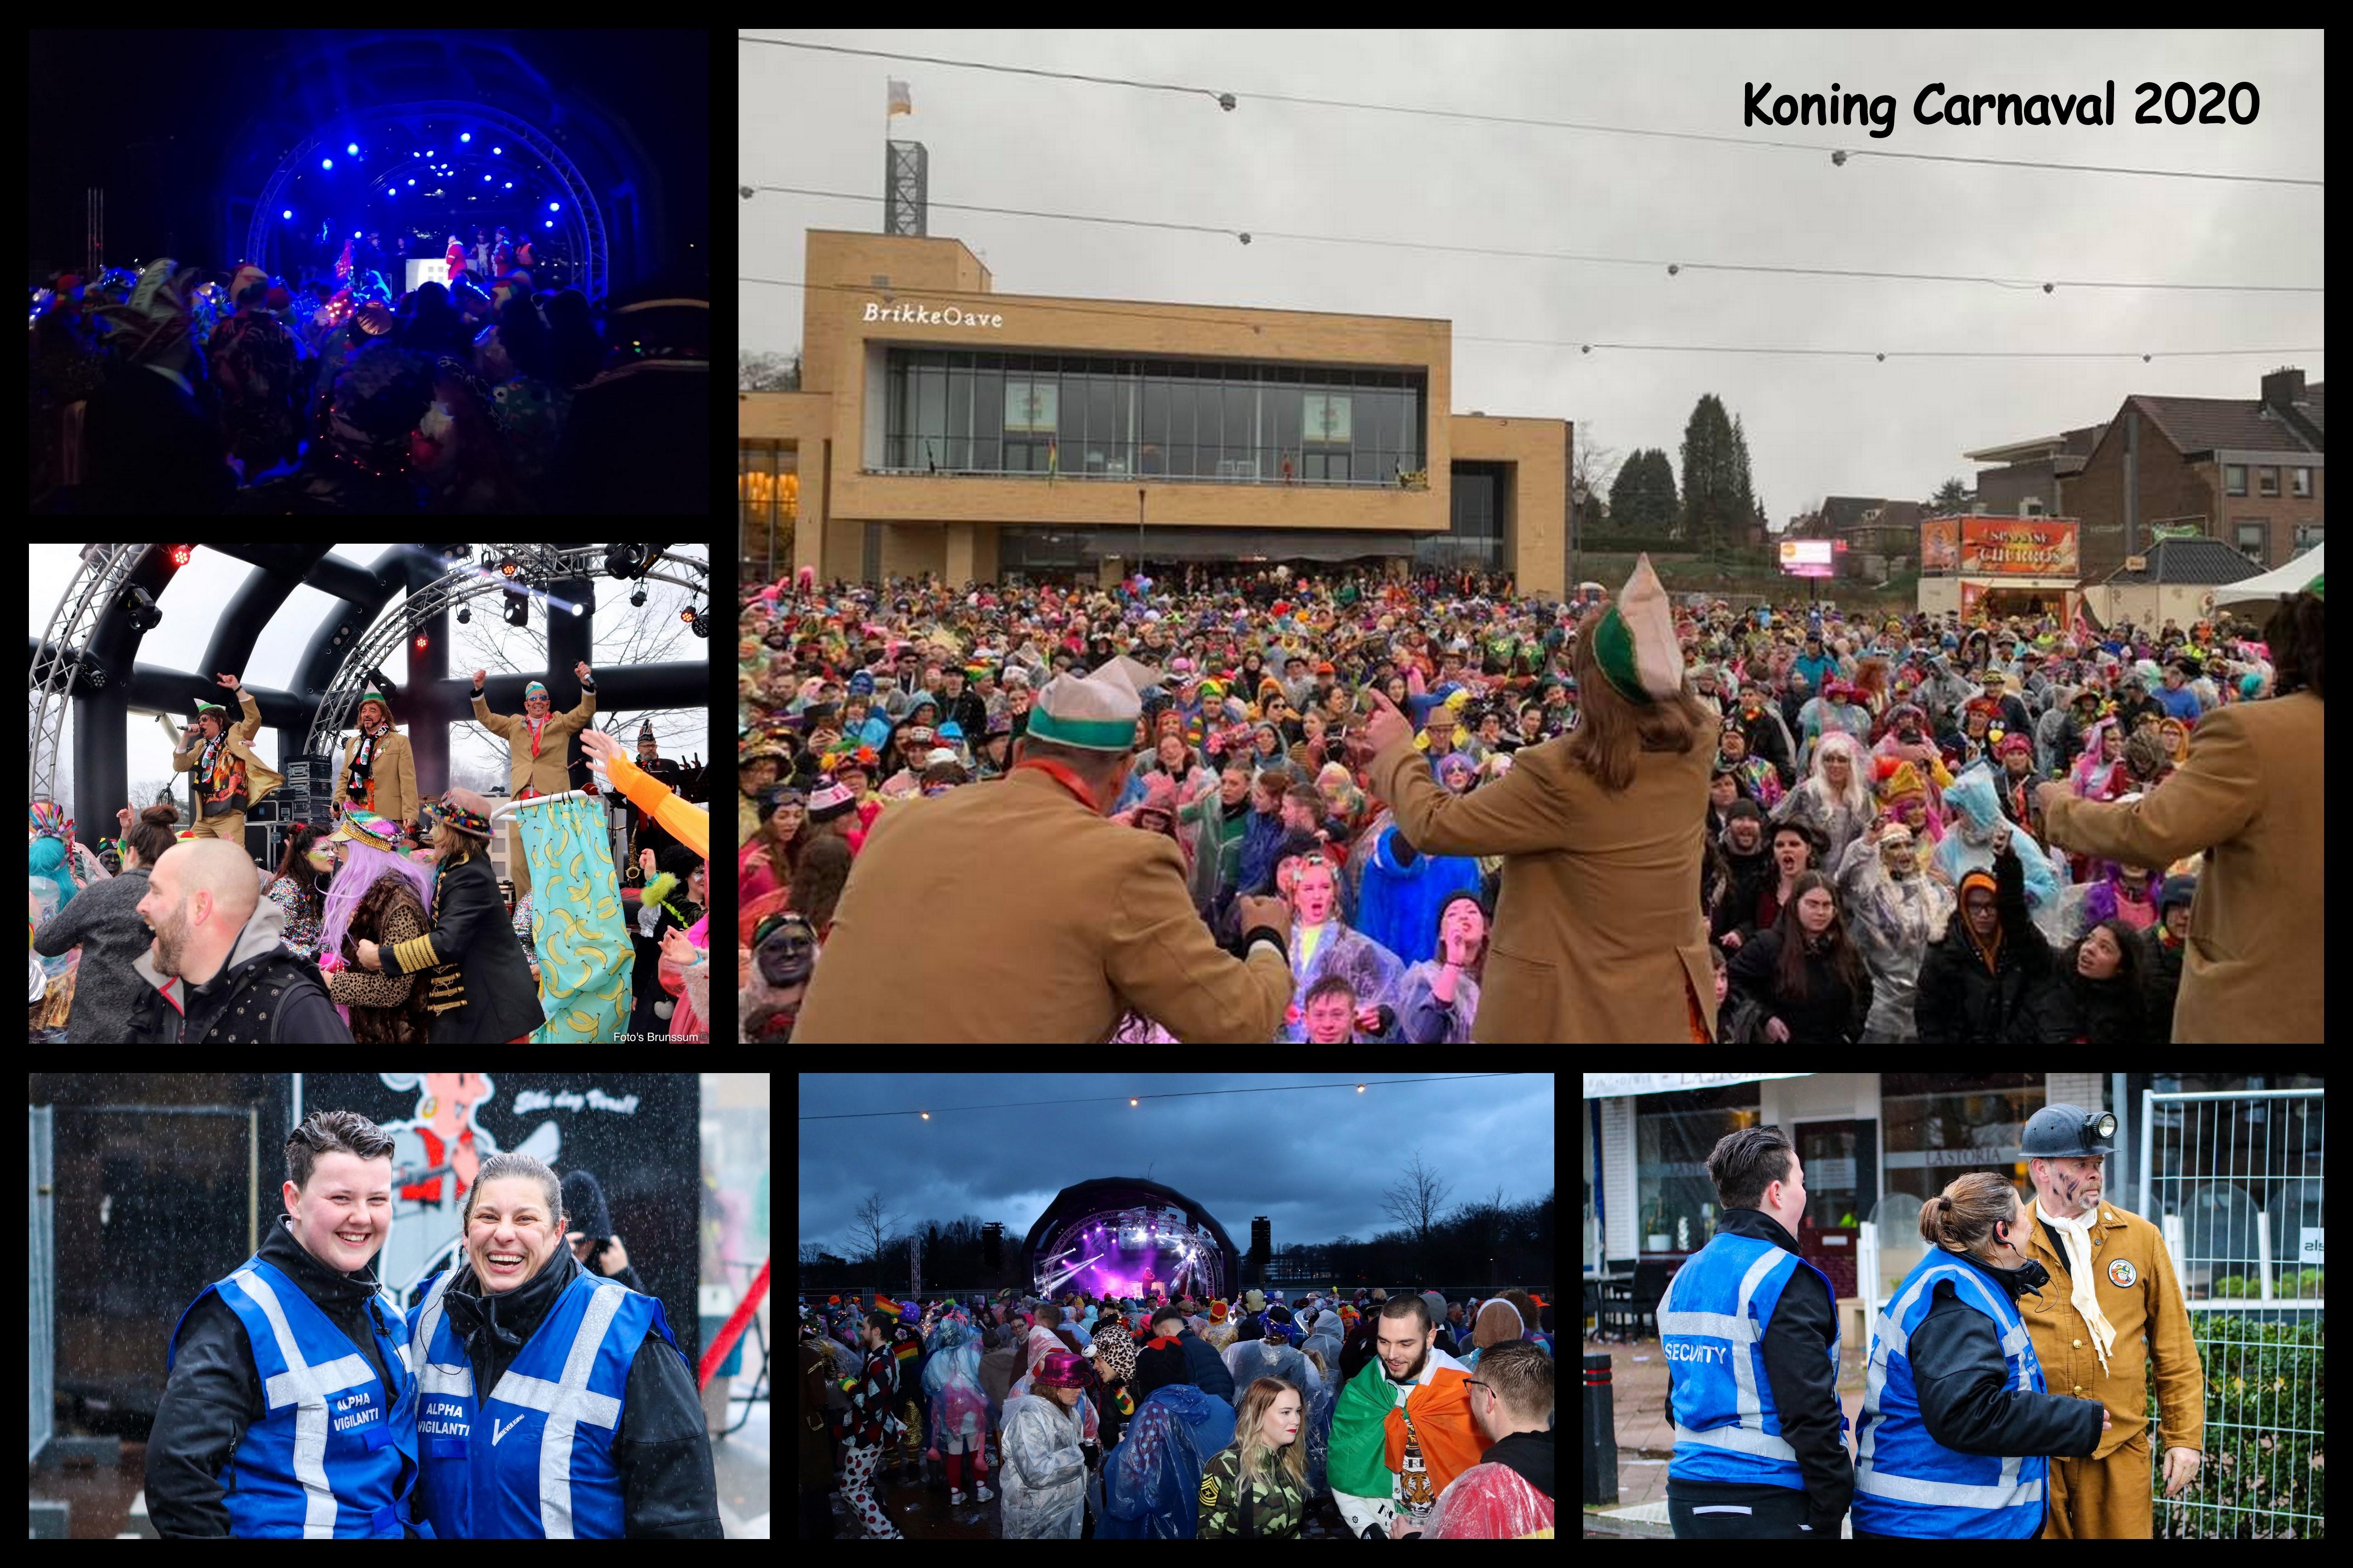 Koning Carnaval 2020